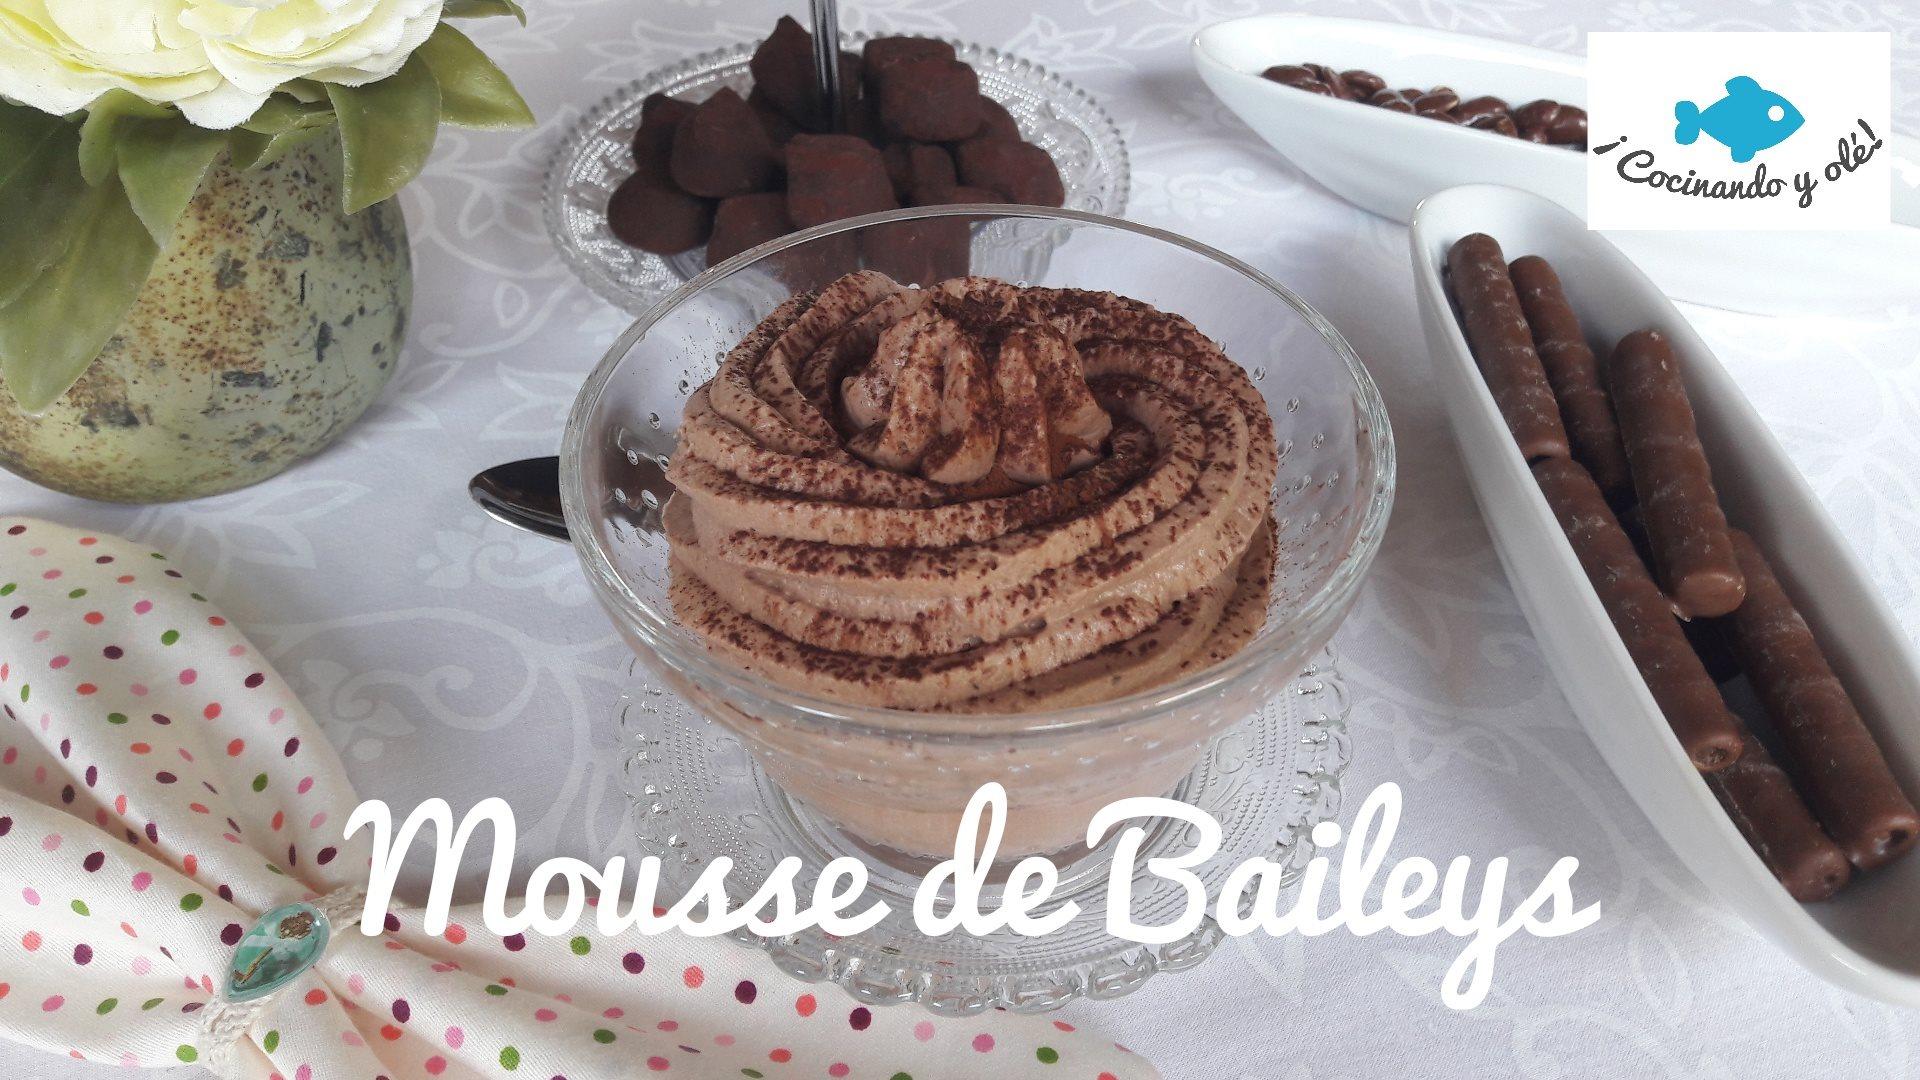 Mousse de Baileys